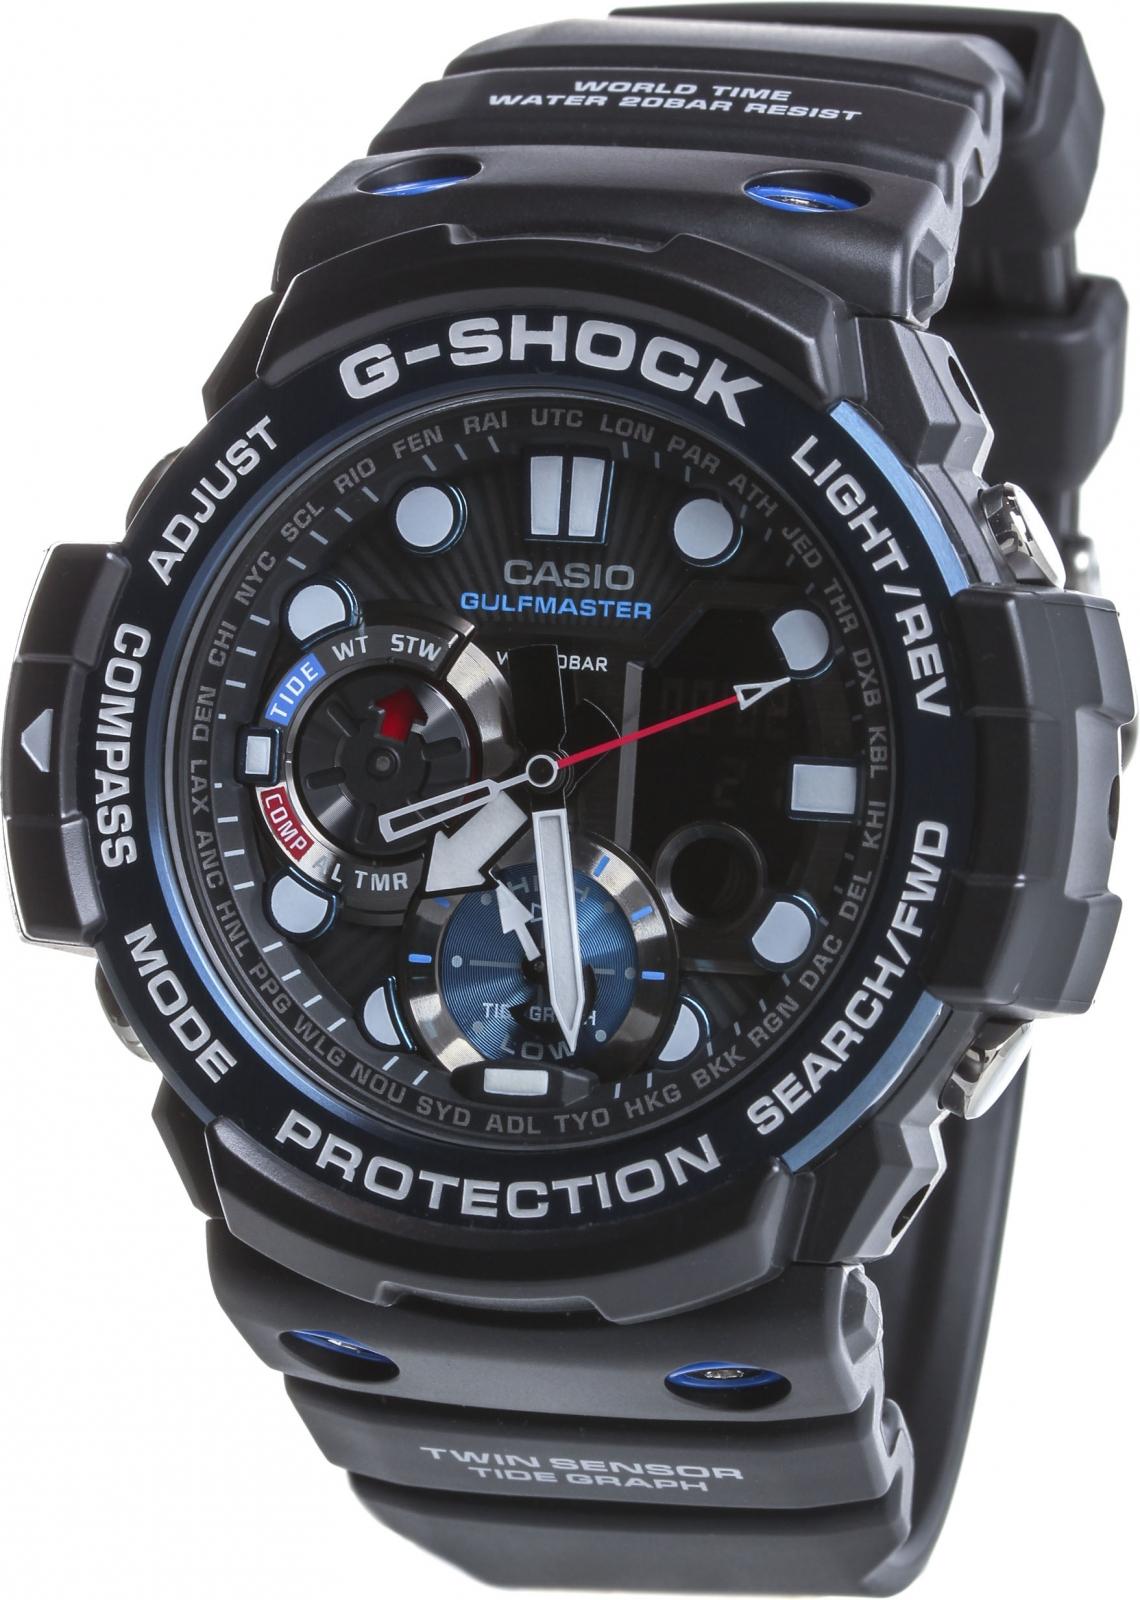 Casio G-shock Gulfmaster GN-1000B-1AНаручные часы<br>Японские часы Casio G-shock Gulfmaster GN-1000B-1A<br><br>Пол: Мужские<br>Страна-производитель: Япония<br>Механизм: Кварцевый<br>Материал корпуса: Пластик<br>Материал ремня/браслета: Каучук<br>Водозащита, диапазон: None<br>Стекло: Минеральное<br>Толщина корпуса: 15,9 мм<br>Стиль: None